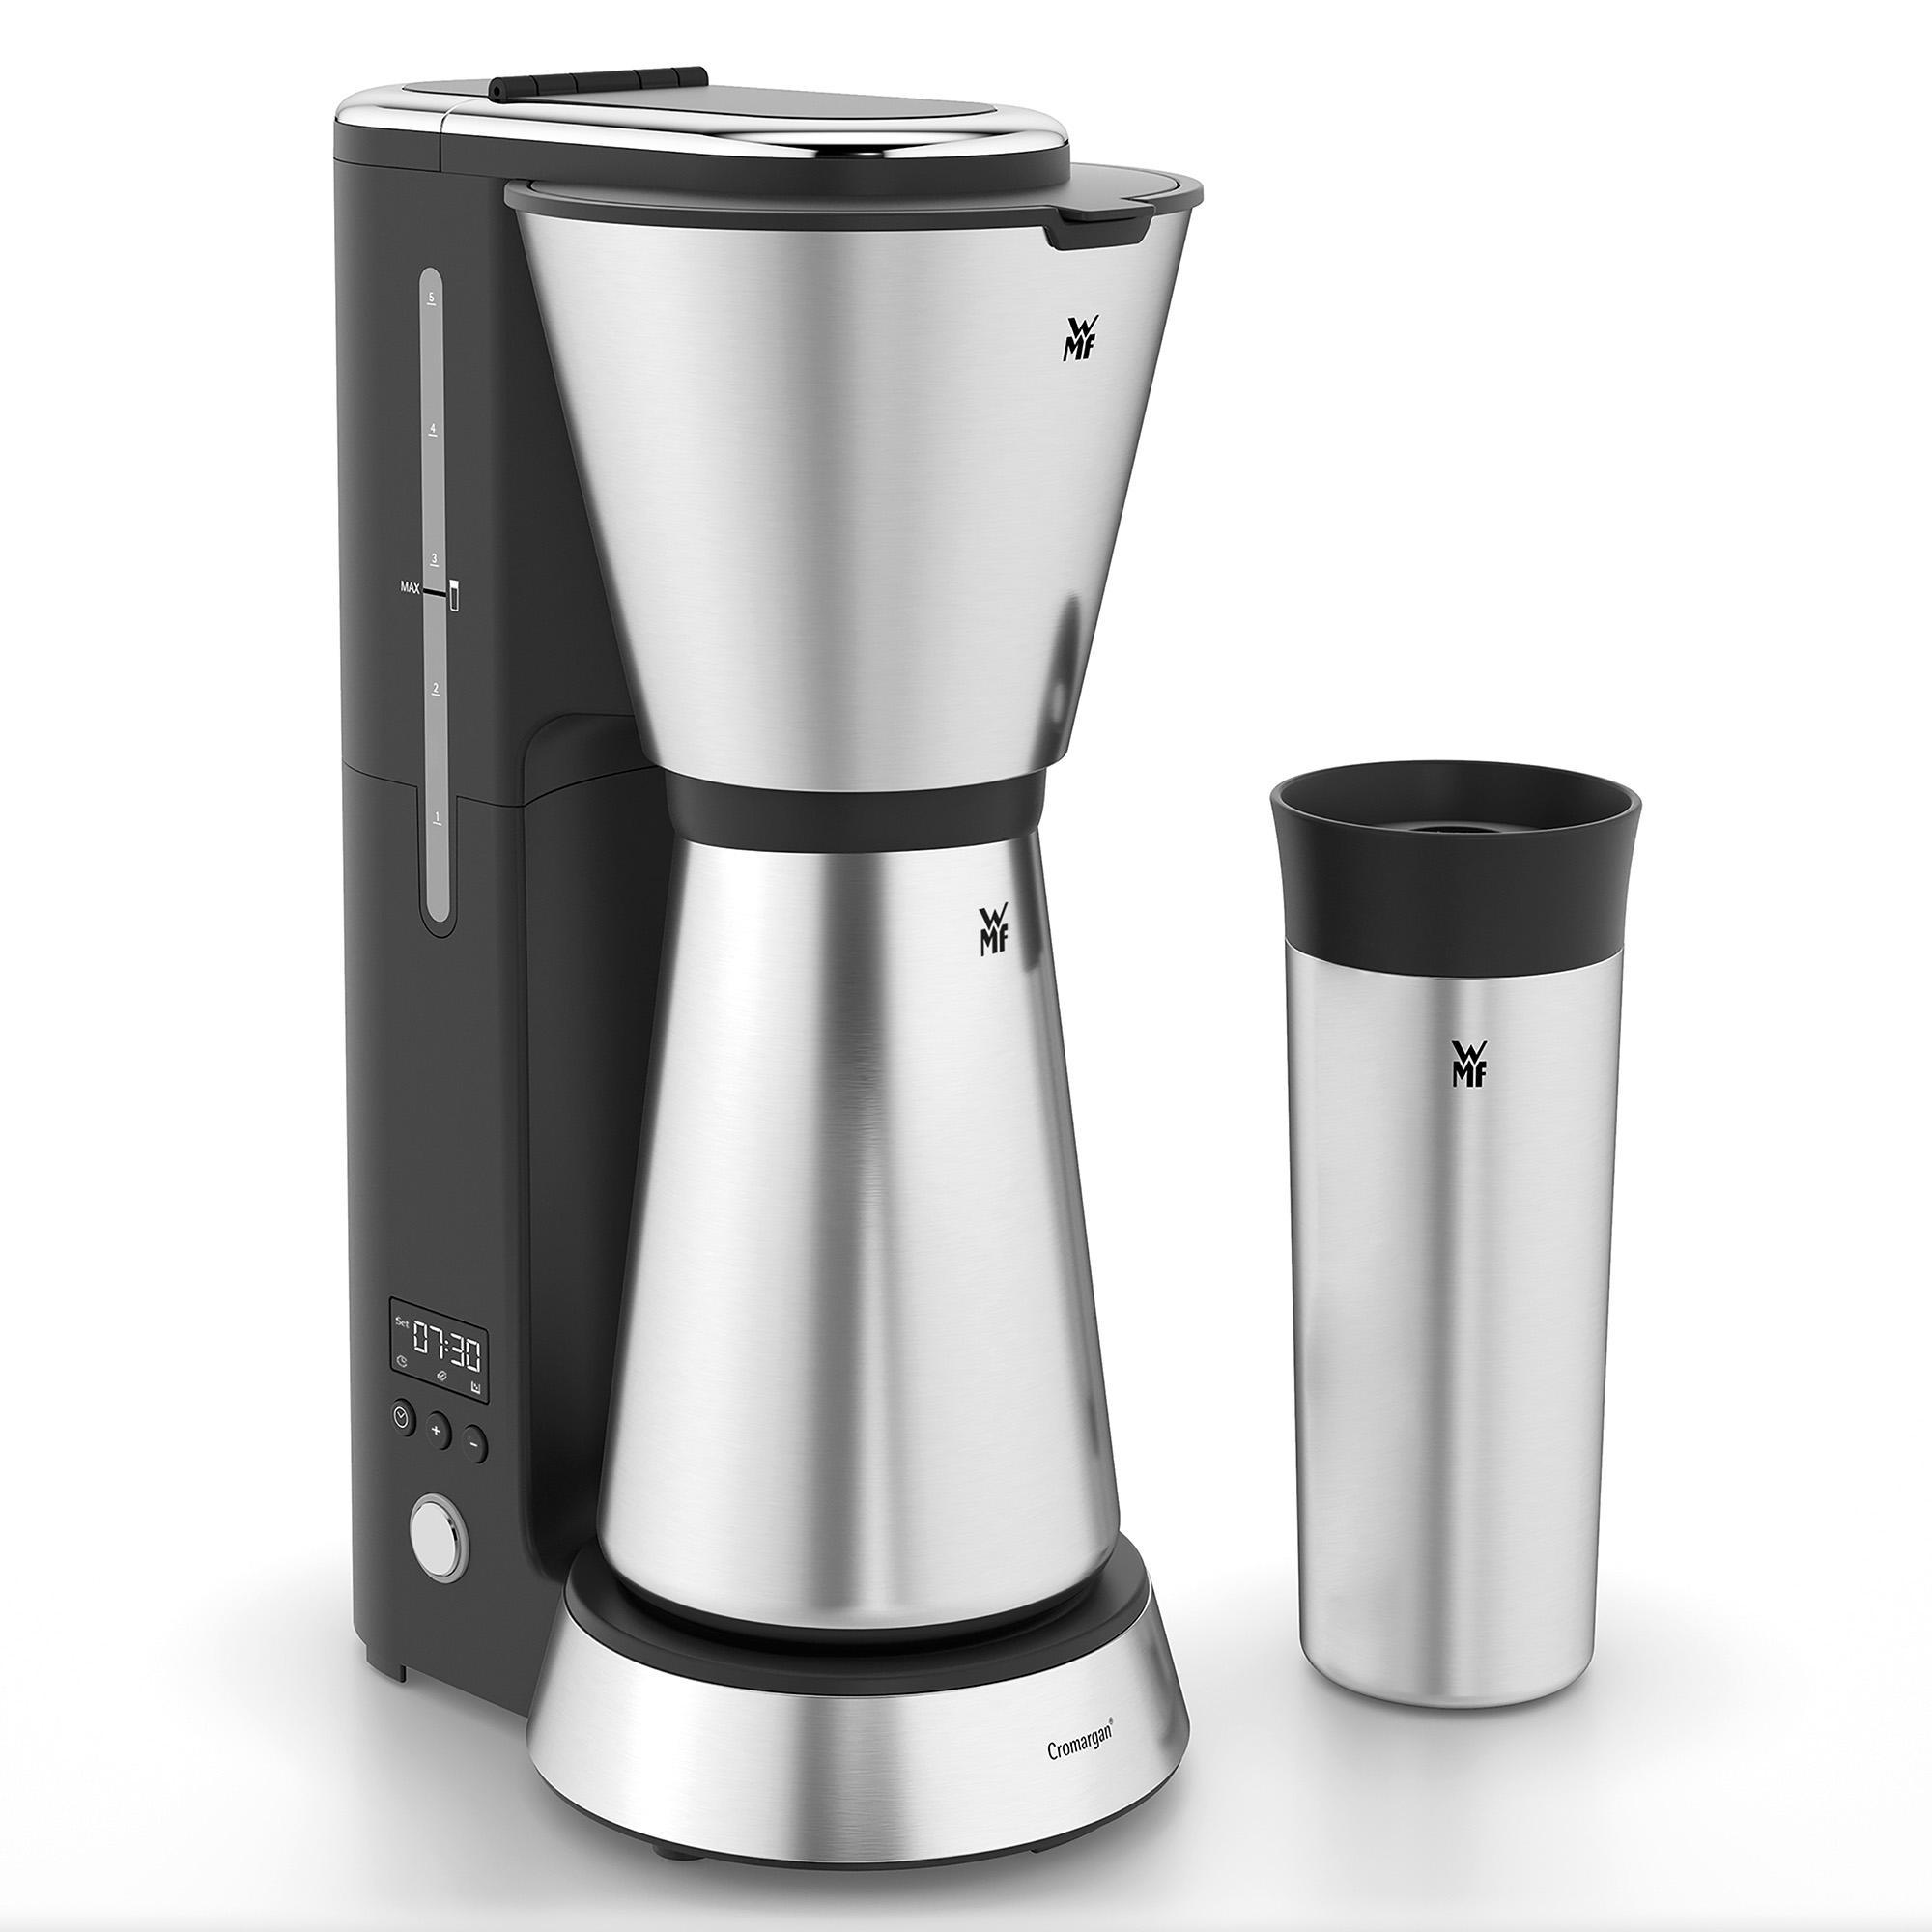 wmf k chenminis aroma filterkaffeemaschine mit isolierkanne 750 ml und. Black Bedroom Furniture Sets. Home Design Ideas